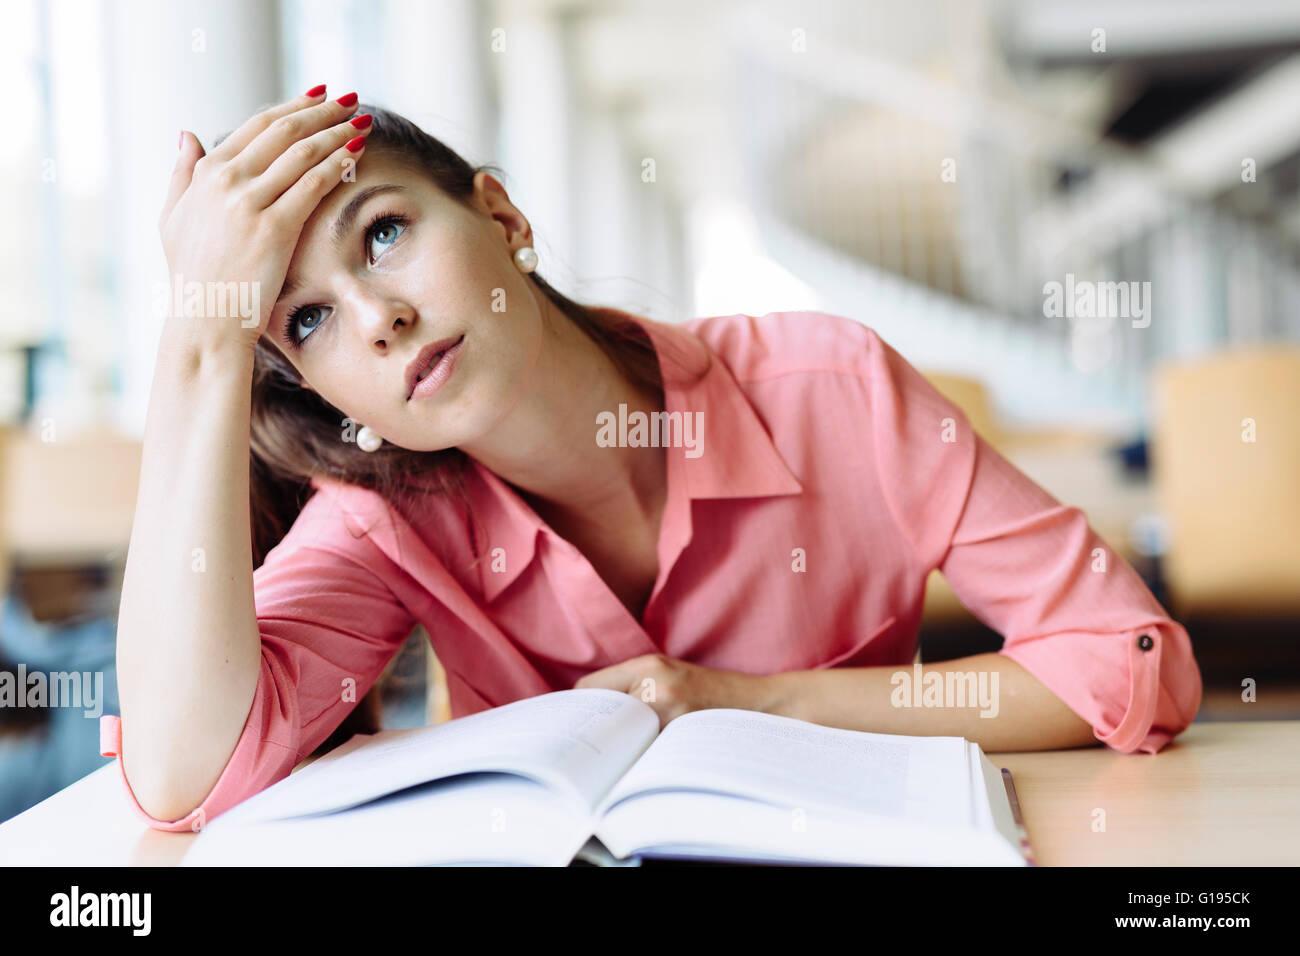 Estudiante estudiando y leyendo en una biblioteca, pero está teniendo un tiempo difícil comprensión Imagen De Stock